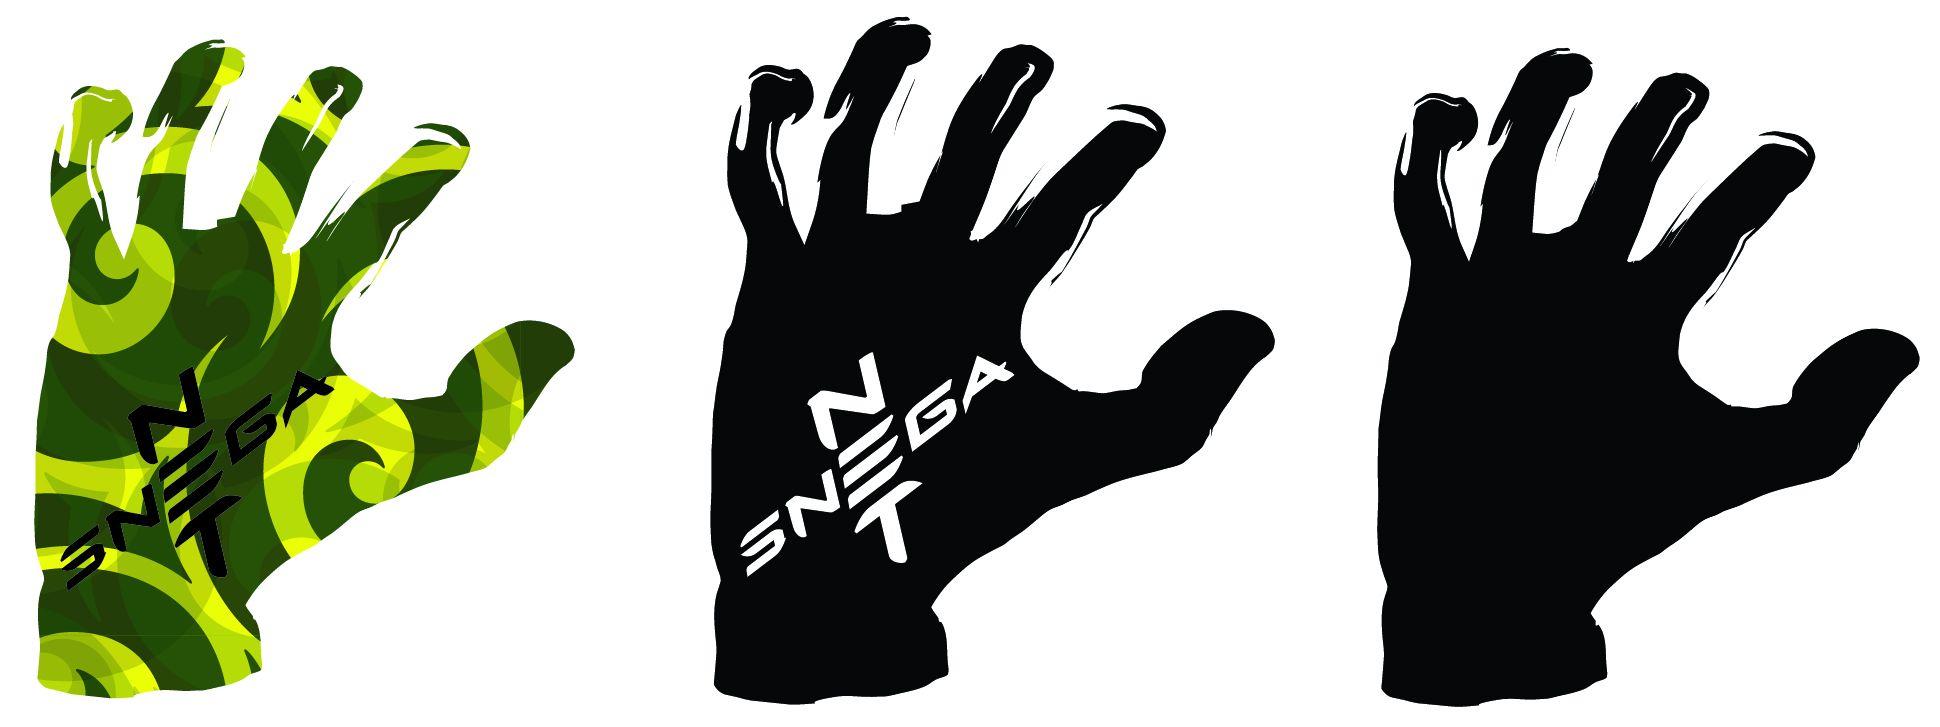 Разработка логотипа для сайта snega.net - дизайнер 7hedreem